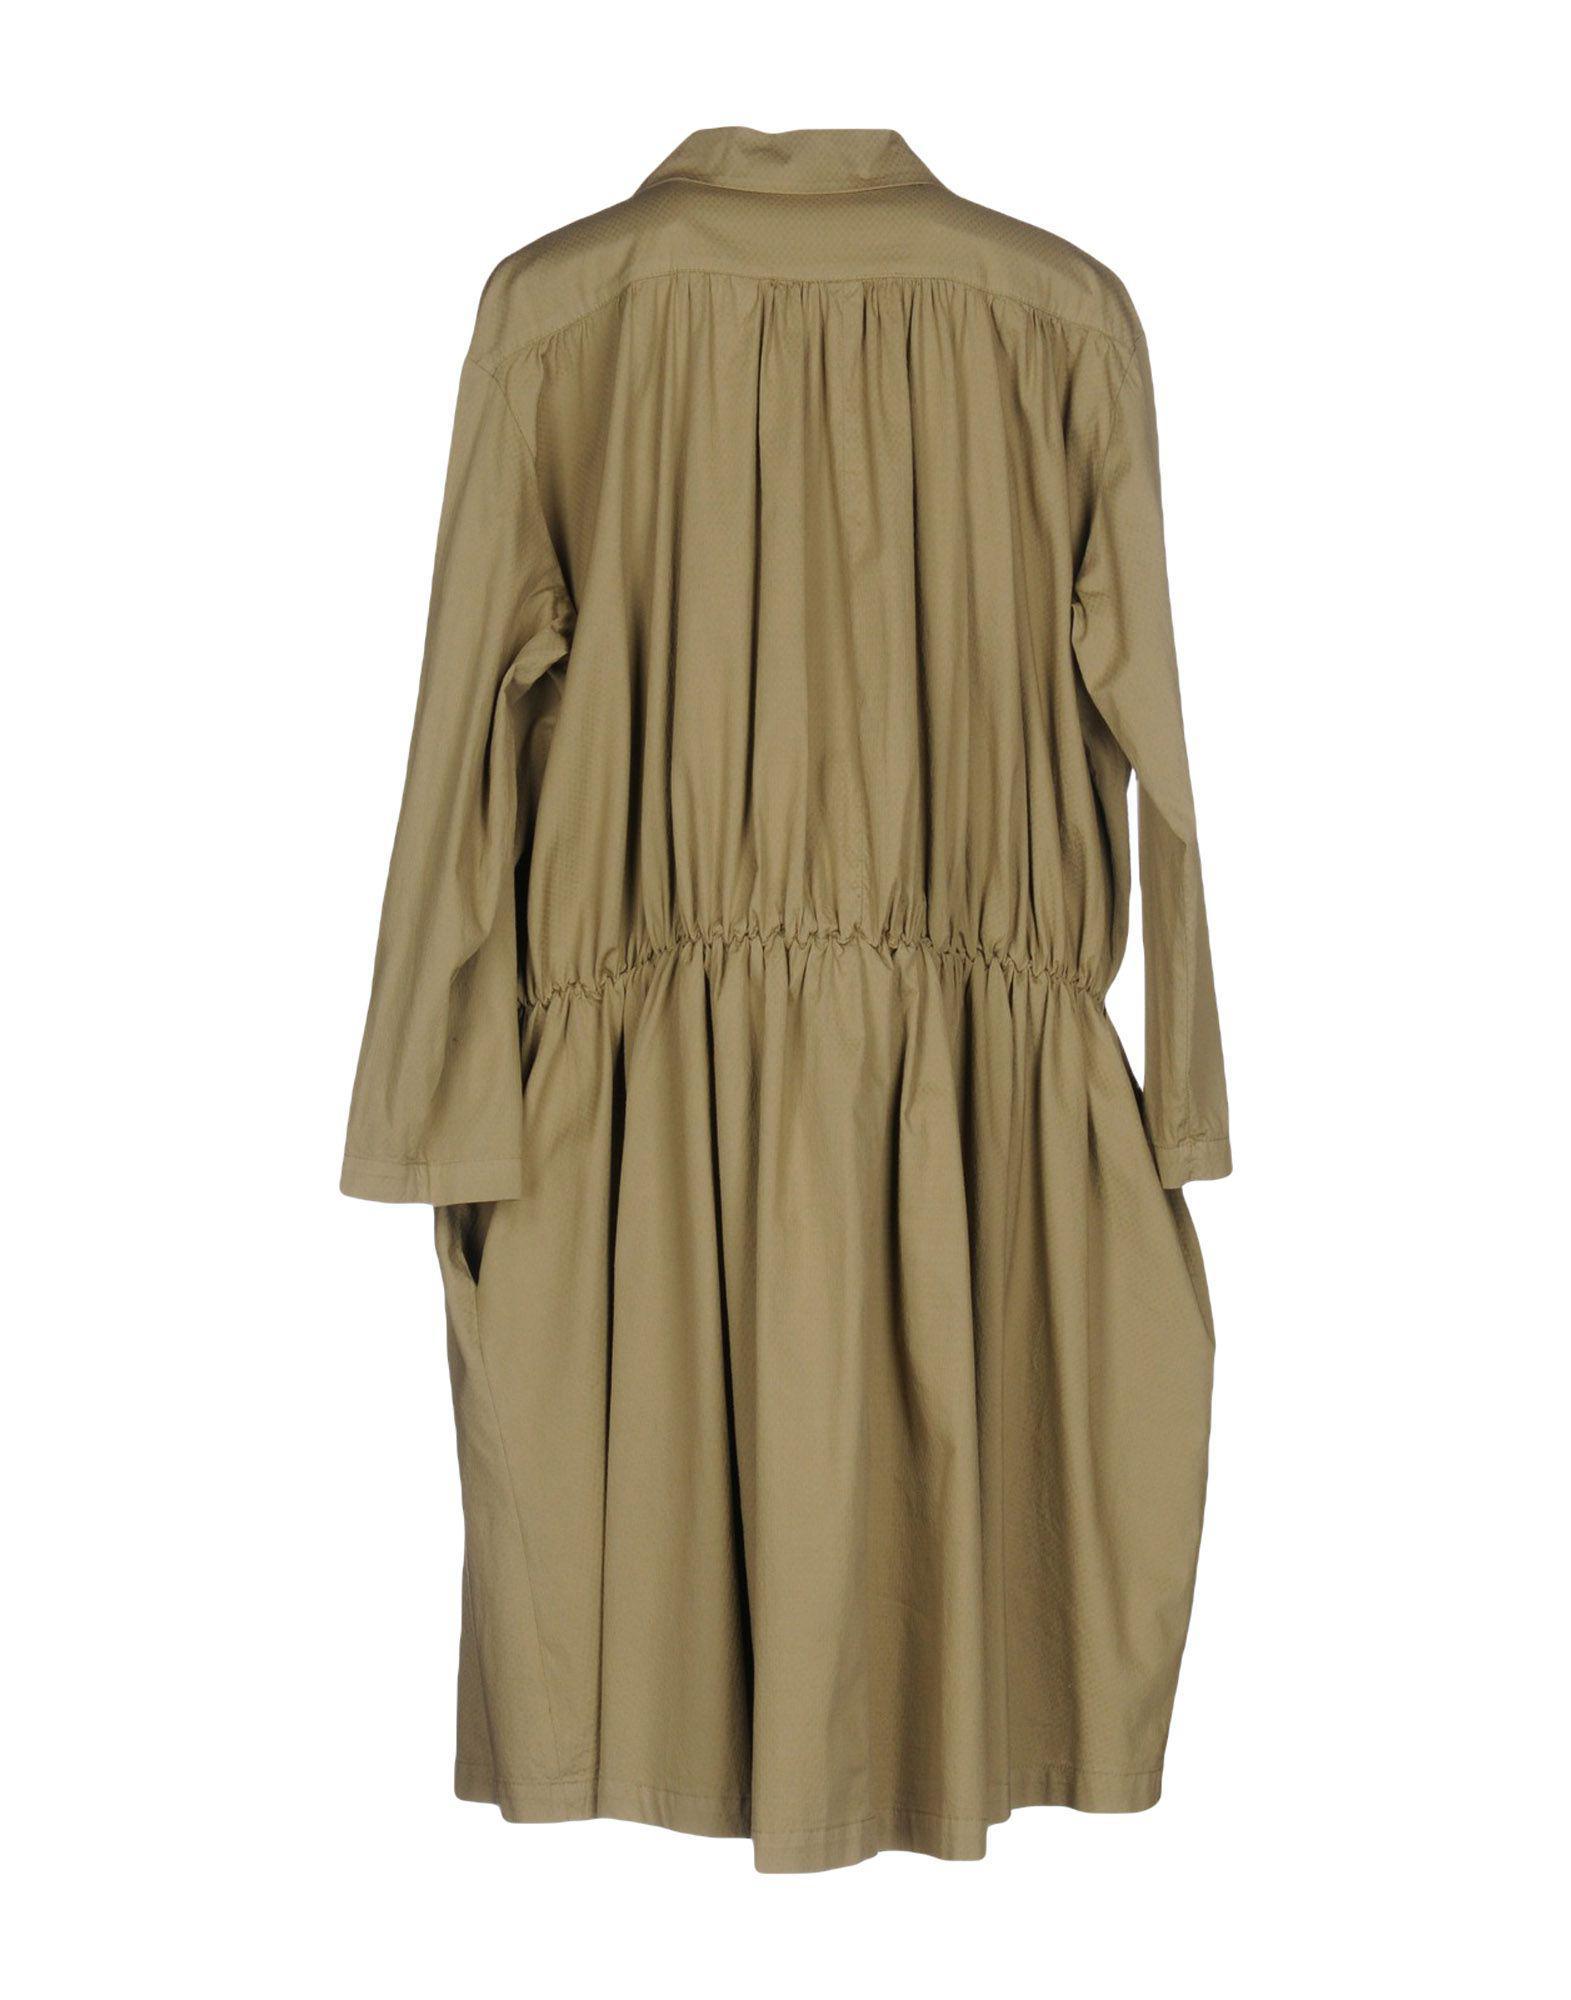 DRESSES - Knee-length dresses AVN uVNufiW